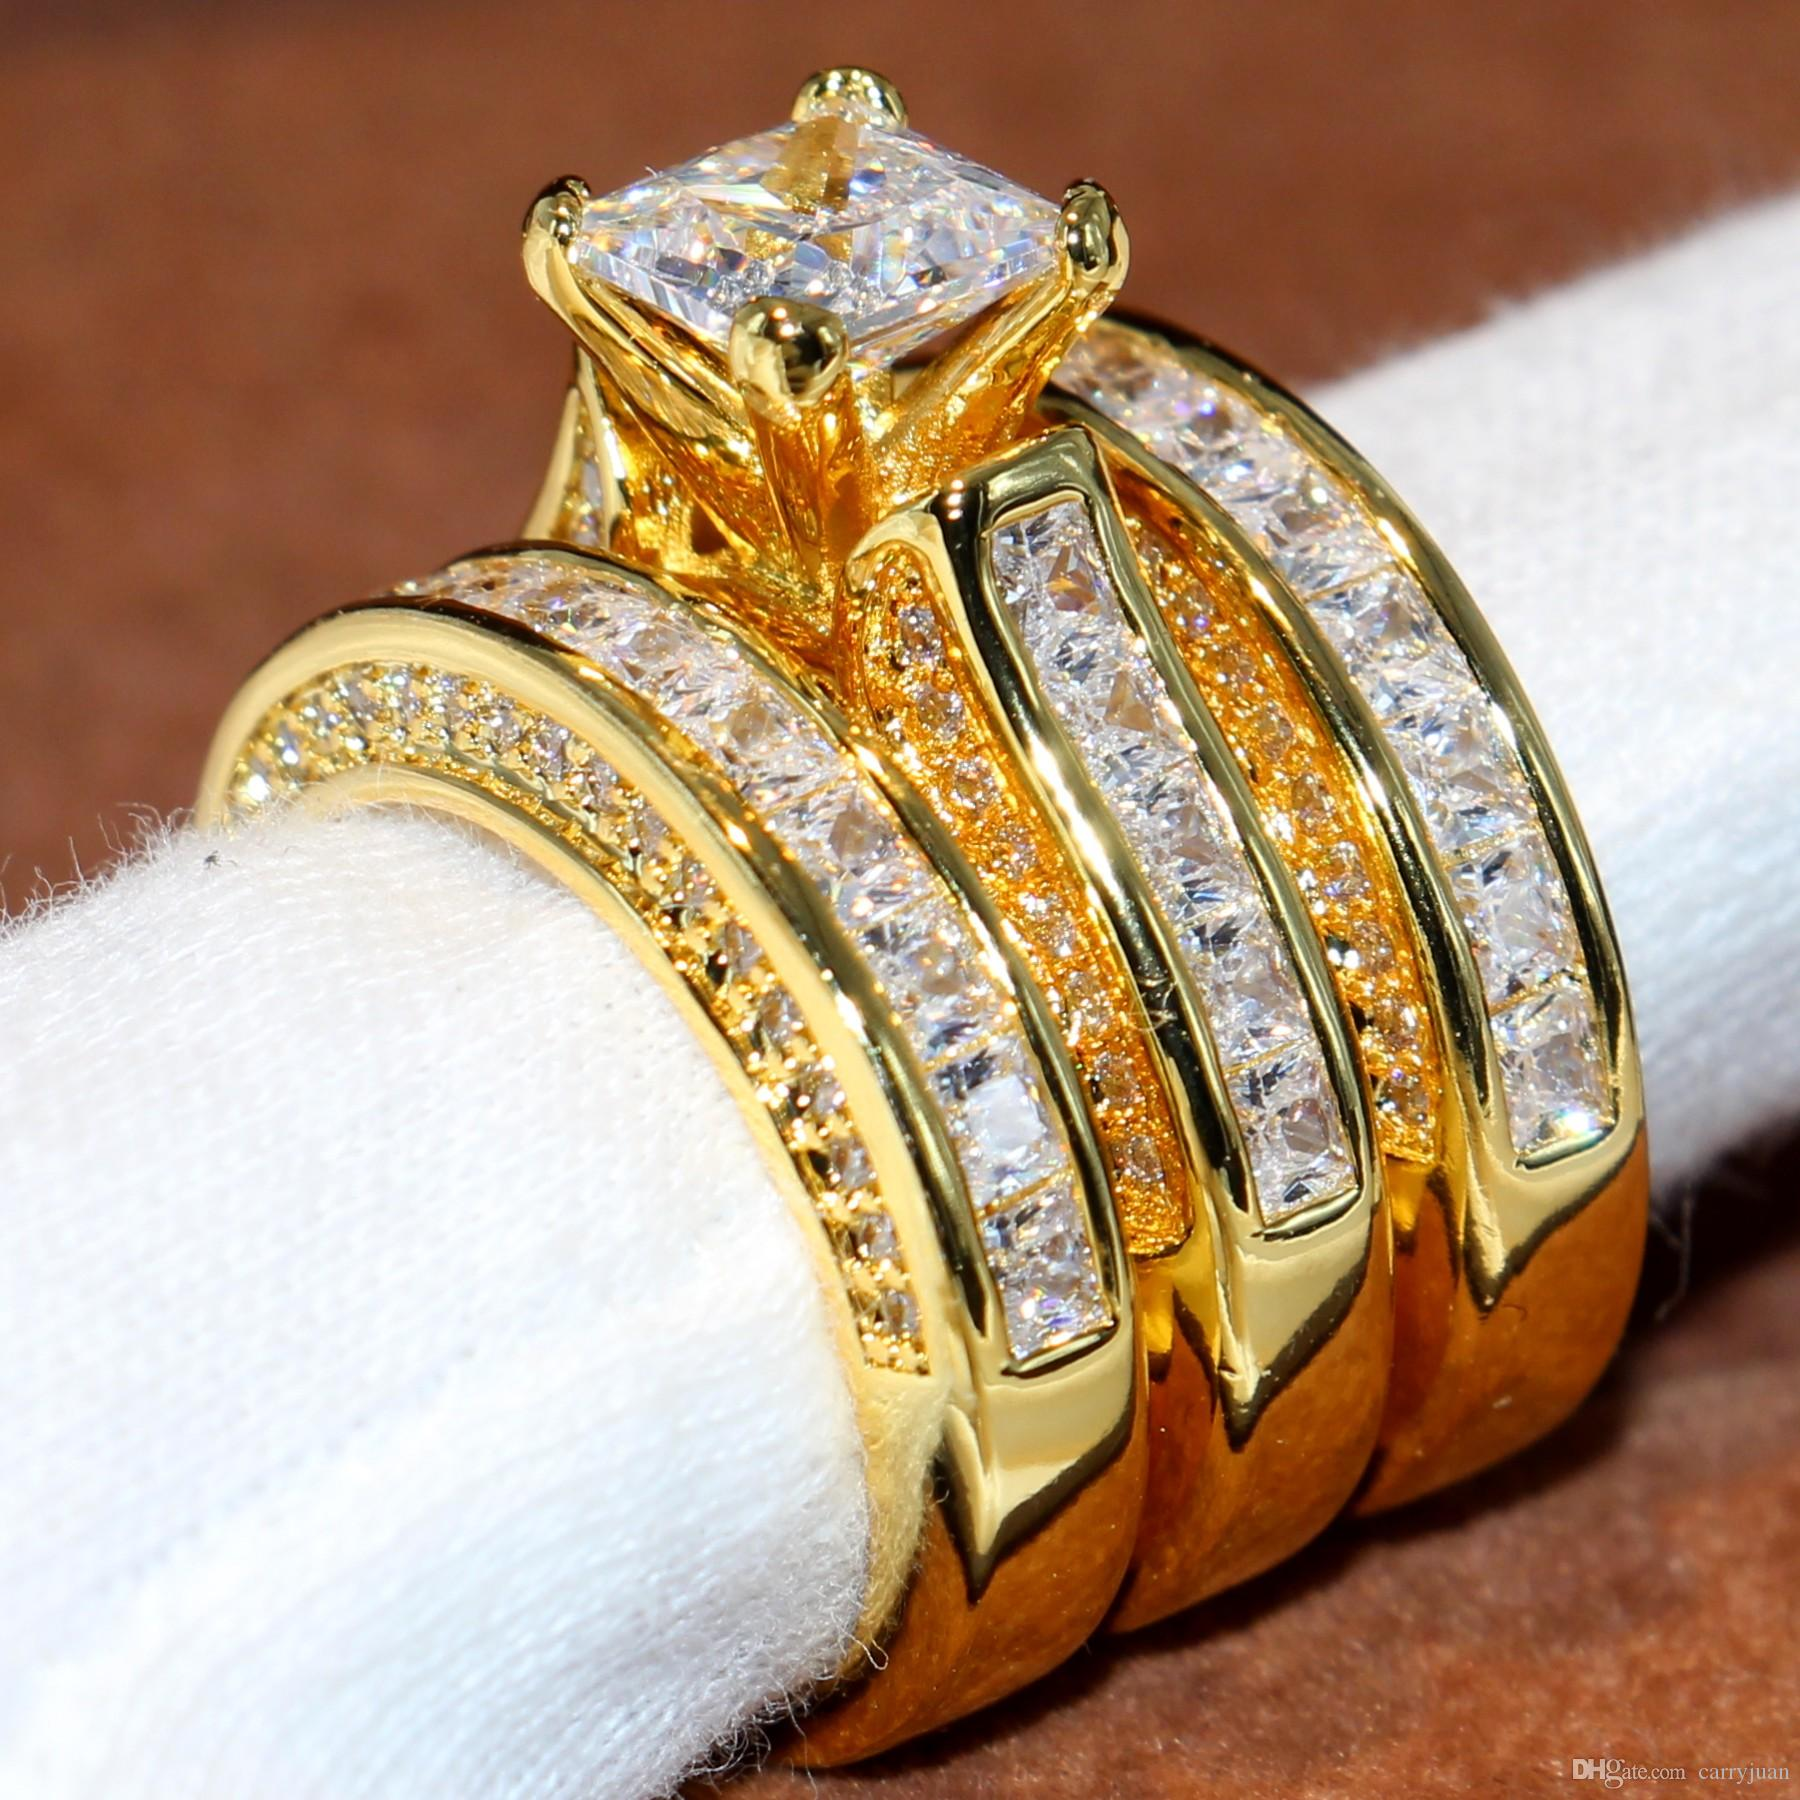 Victoria Wieck scintillanti gioielli di moda principessa anello 14KT oro giallo riempito 3 in 1 bianco topazio partito diamante della cz da sposa anello nuziale